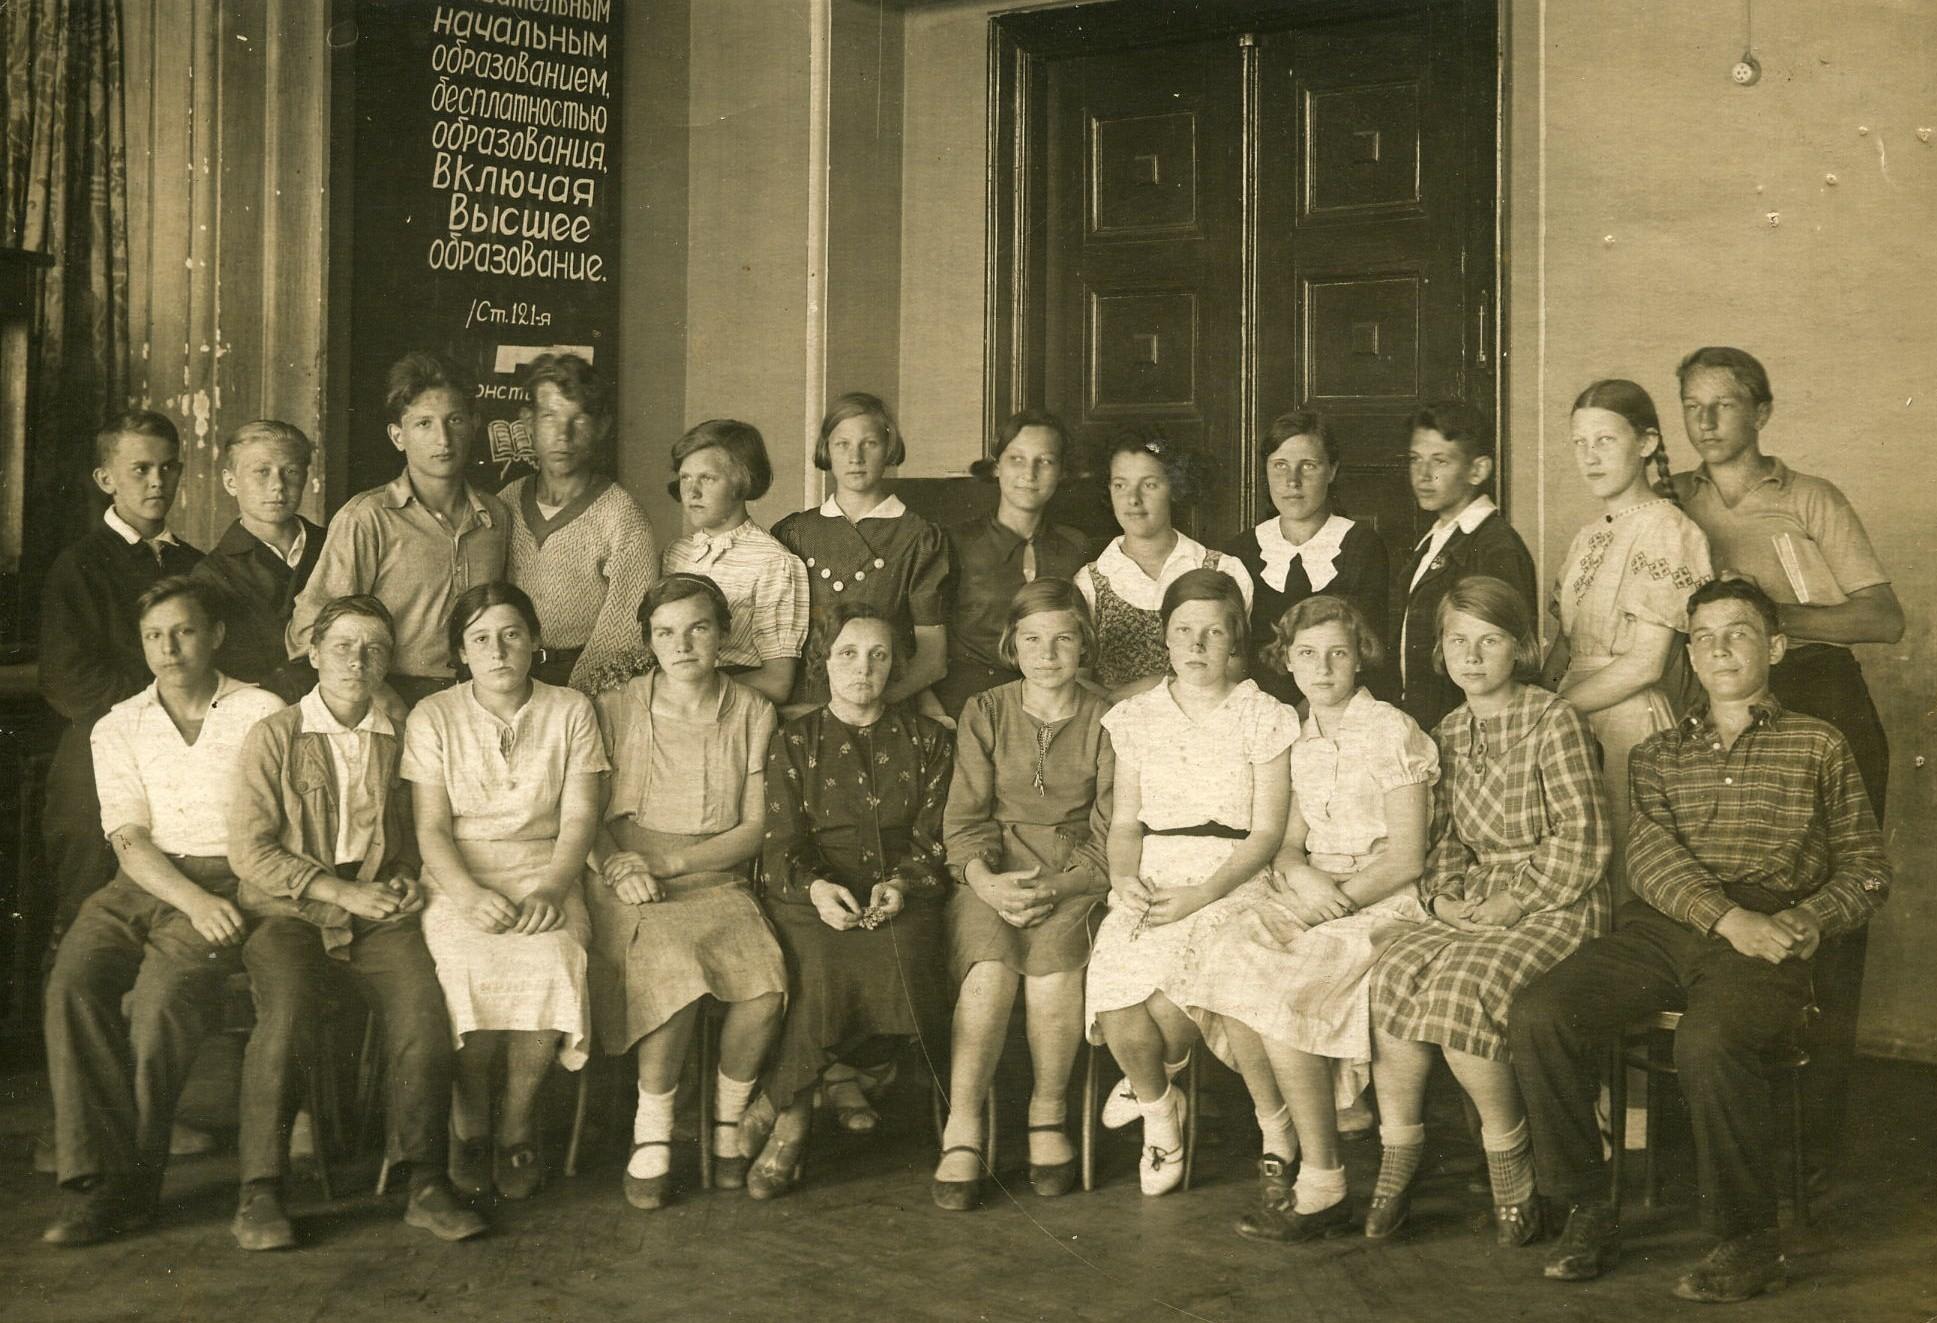 """5 """"А"""" класс, 1937 год. Зоя Космодемьянская - шестая справа в верхнем ряду, Саша Космодемьянский - крайний справа в нижнем ряду. В центре - классный руководитель Екатерина Михайловна Левитова"""